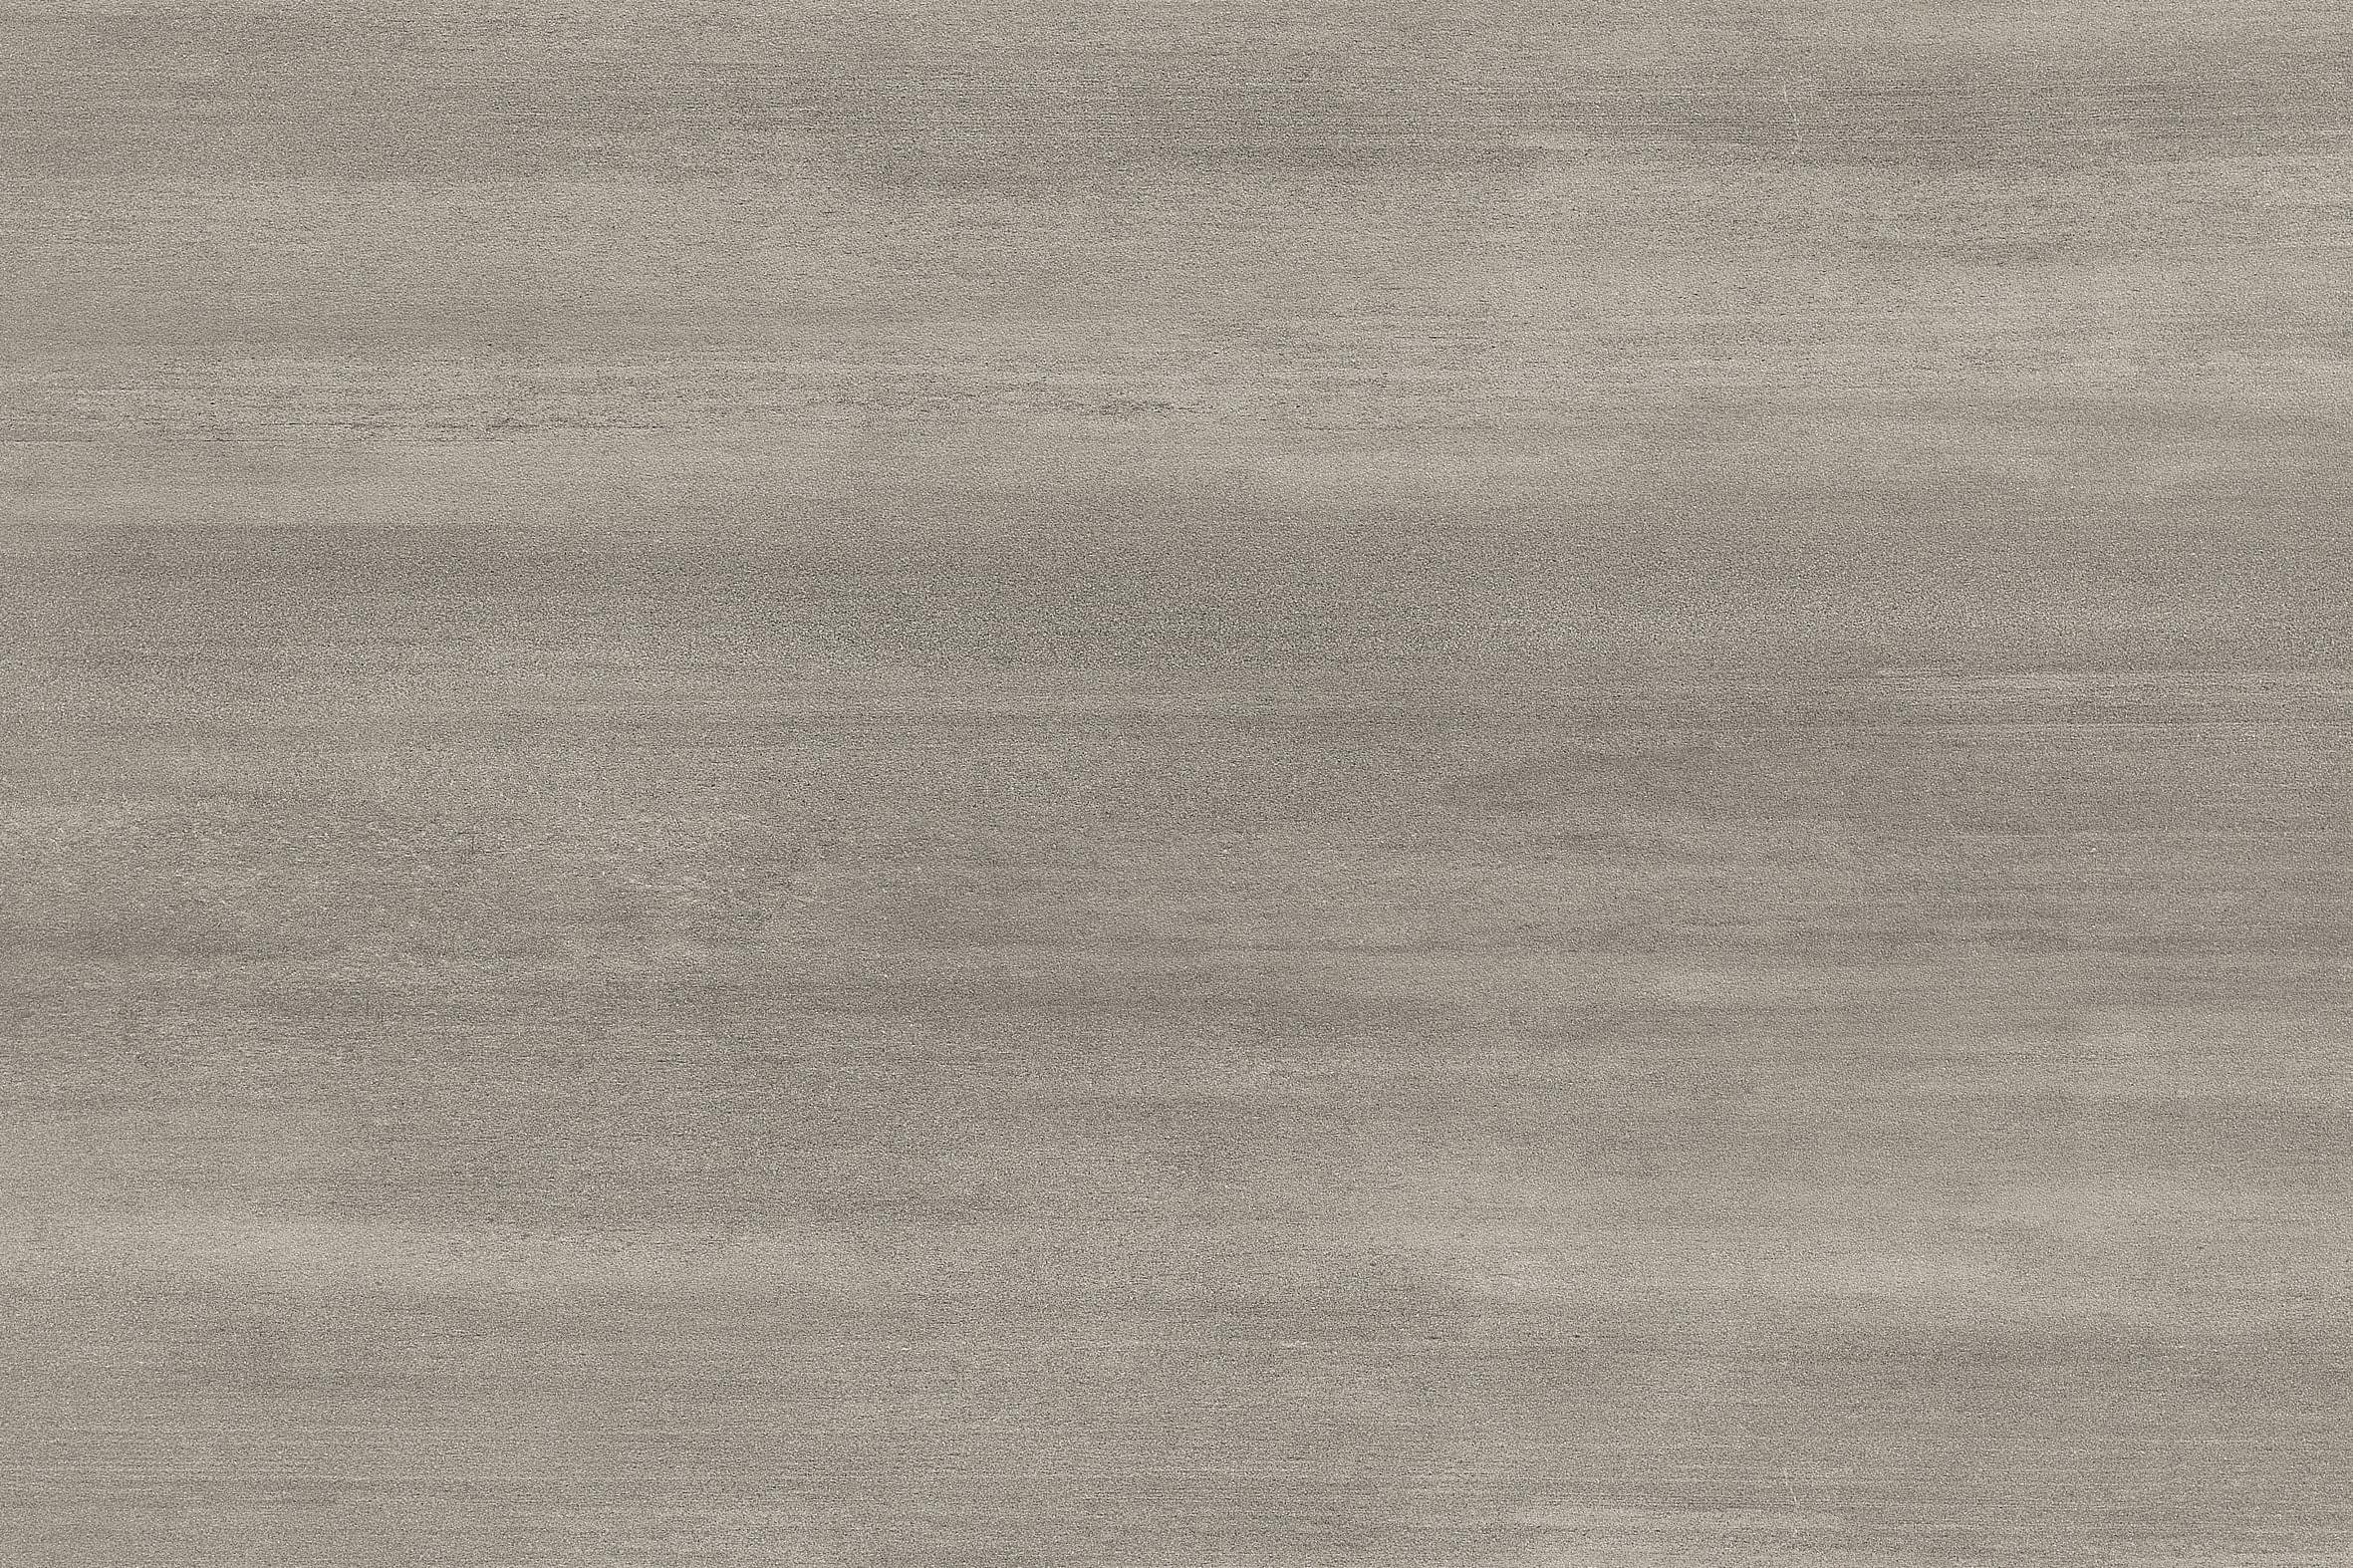 法国金属灰 / CGB6924-K / 600x900mm